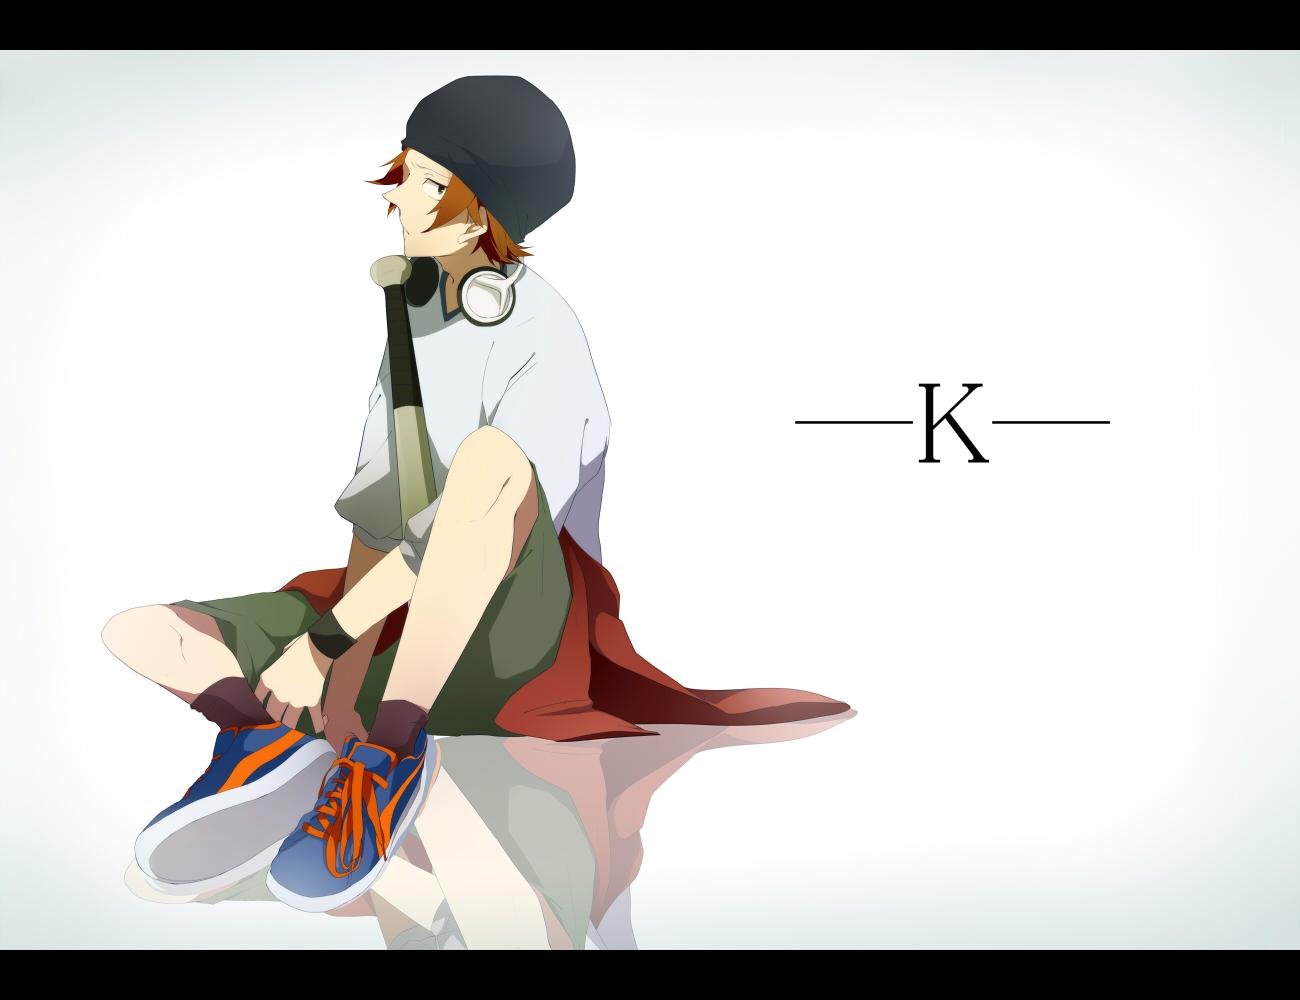 Фанфики по фэндому K project  Проект Кей  аниме и манга